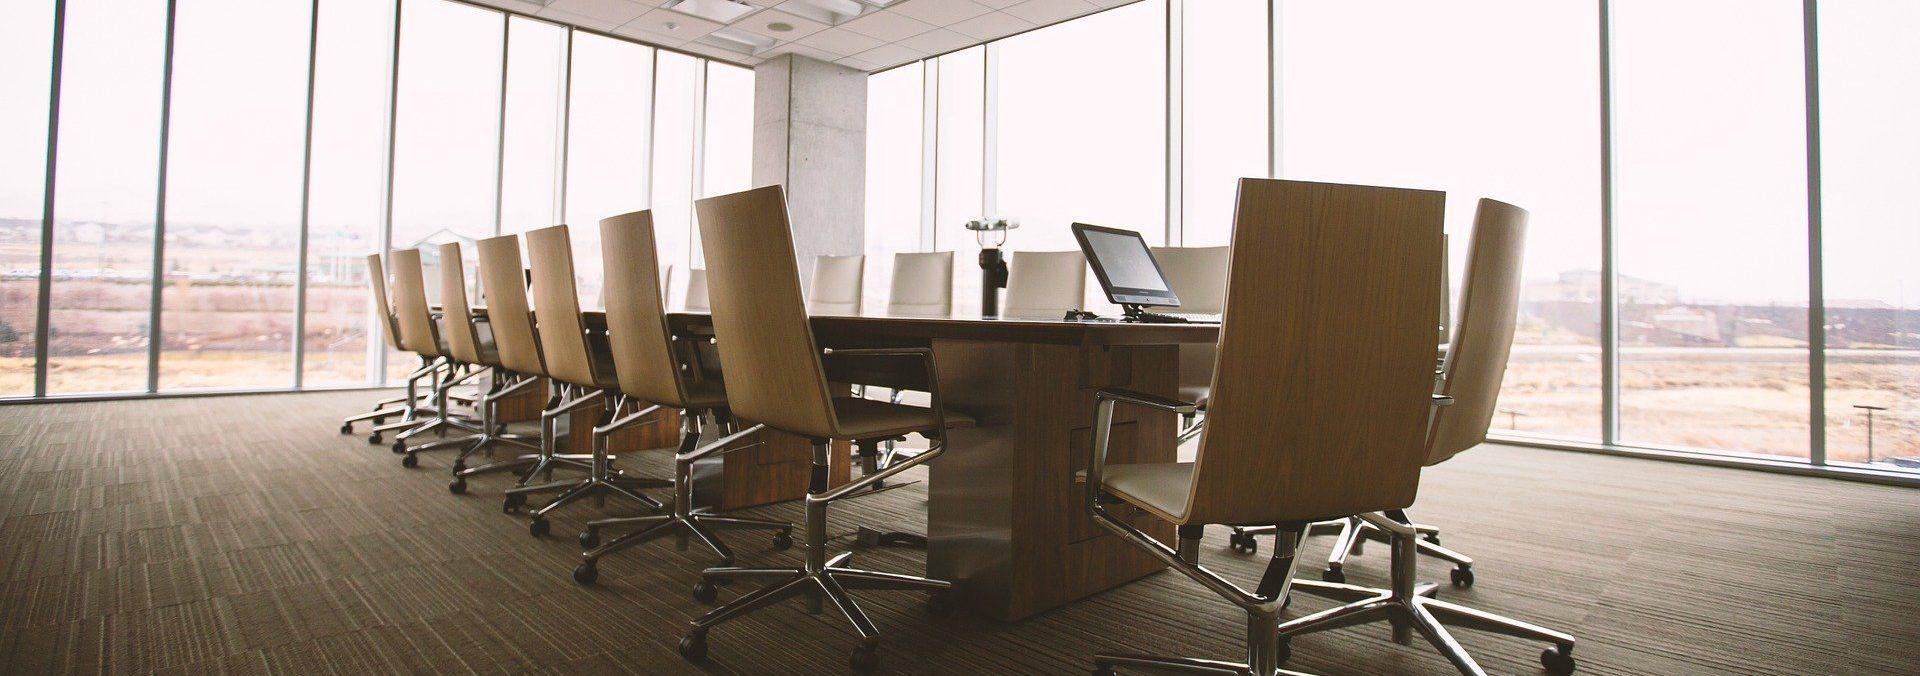 La présidence du comité social et économique (CSE) peut être assurée par un salarié d'une entreprise extérieure